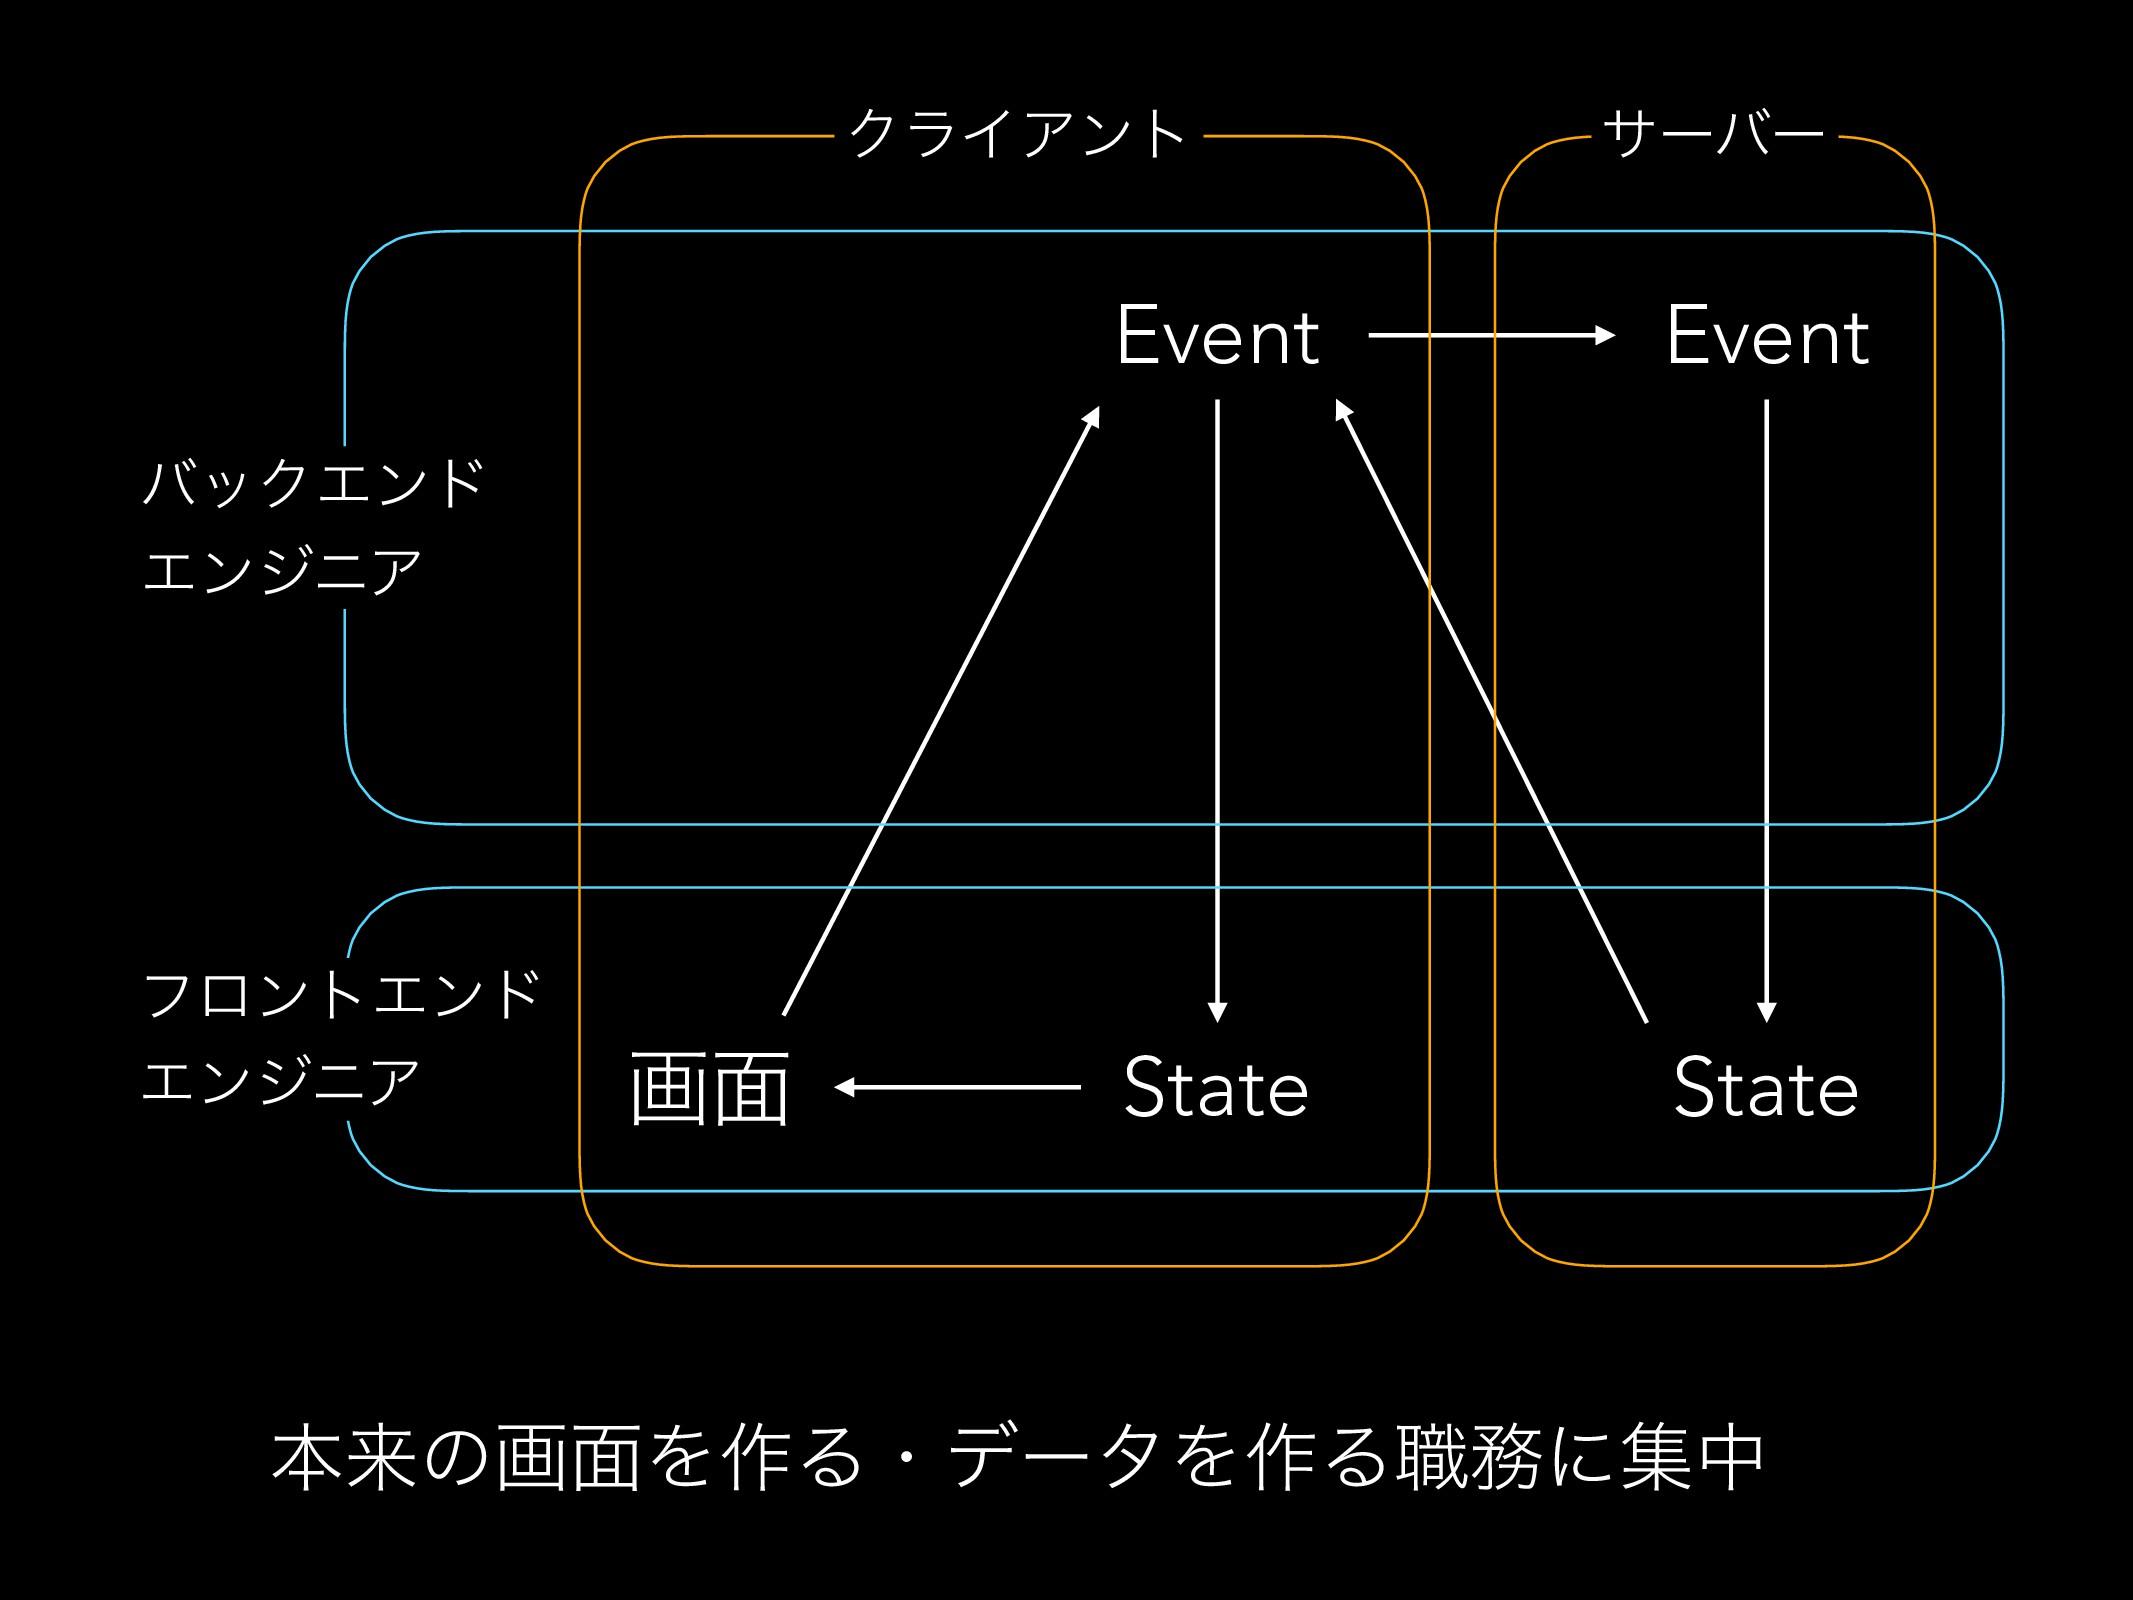 Event State Event State ը໘ ΫϥΠΞϯτ αʔόʔ όοΫΤϯυ Τ...